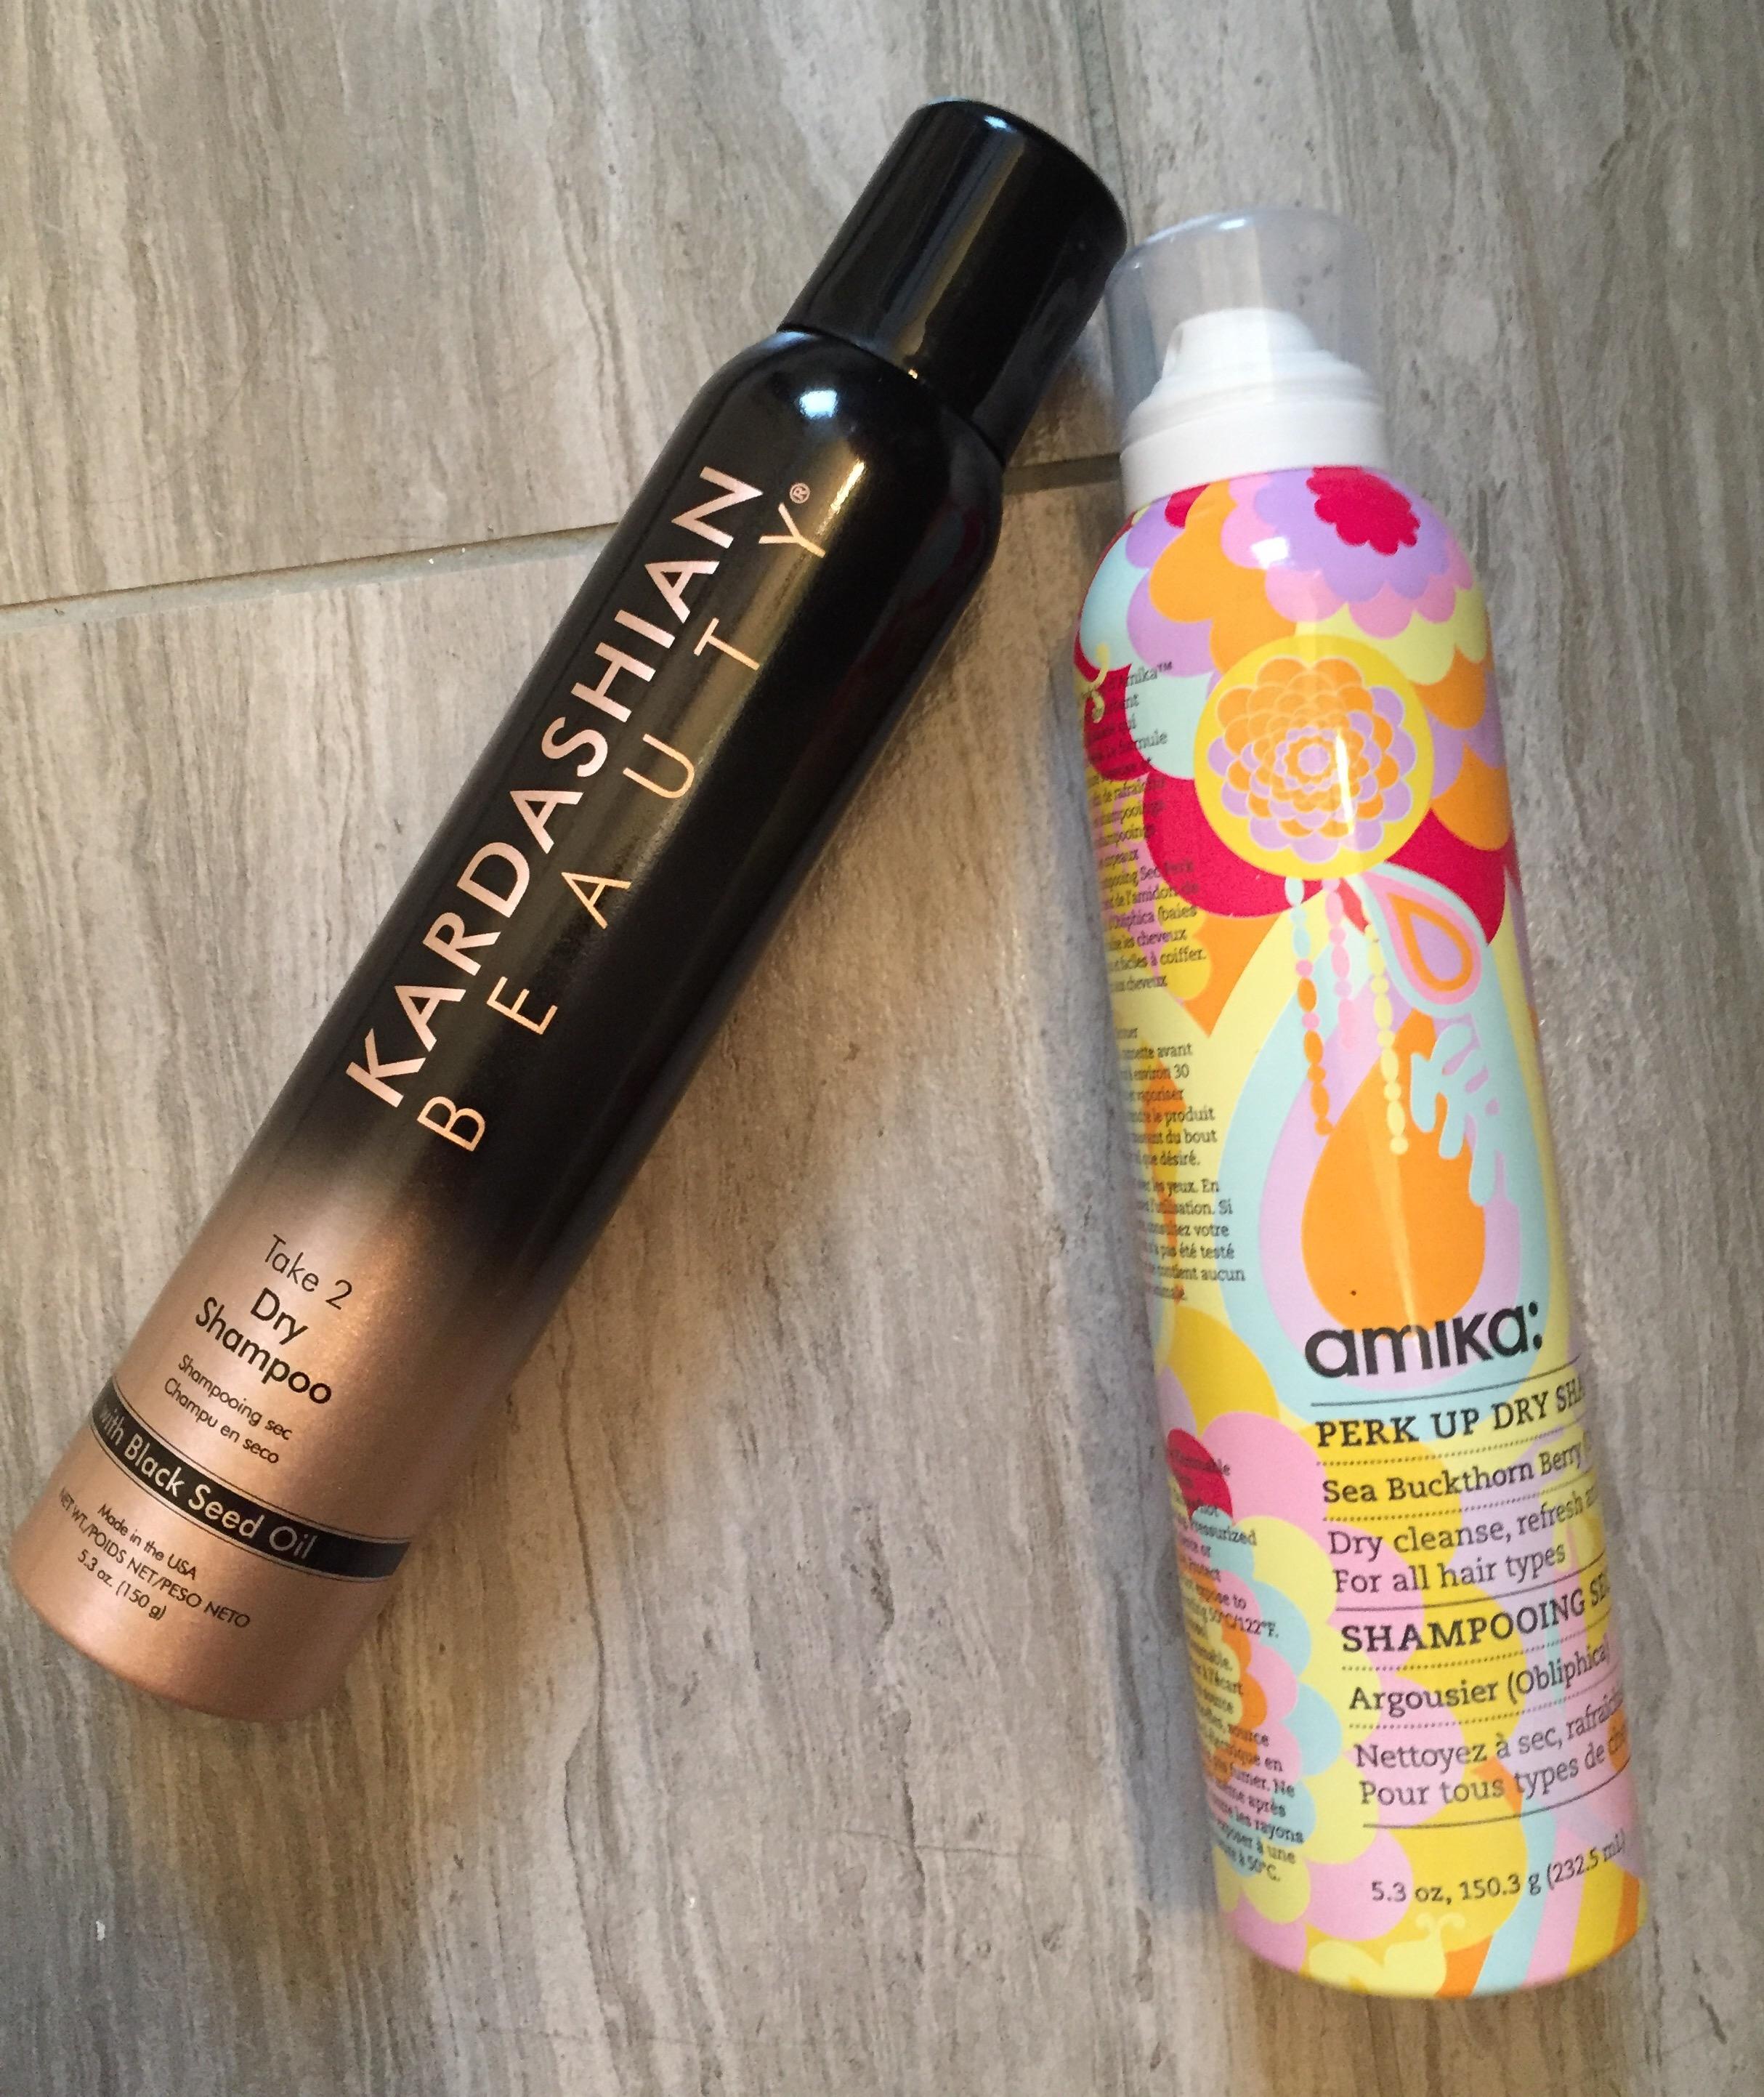 dry shampoo, kardashian beauty, amika